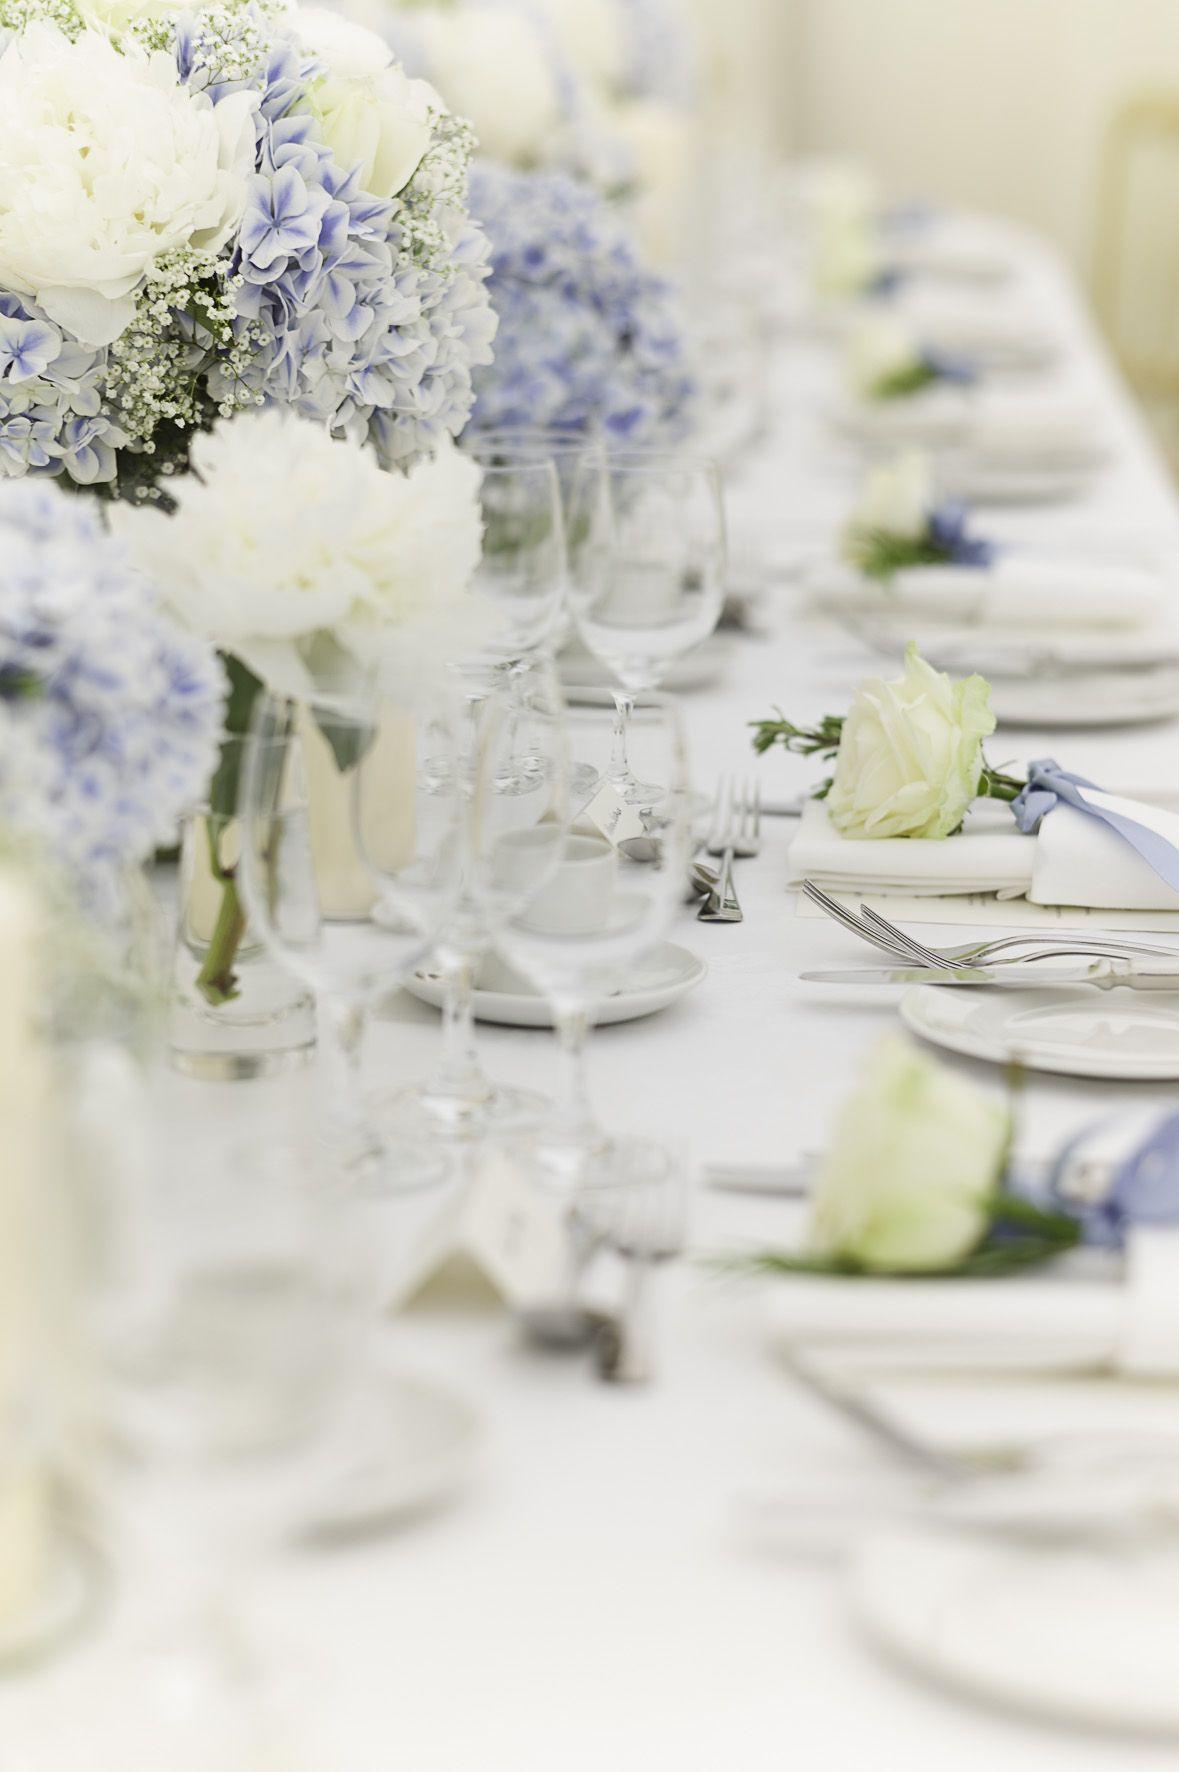 Tischdeko in wei und flieder perfekt f r eine fr hlingshochzeit hochzeitsdekoration - Brautpaar tischdeko ...